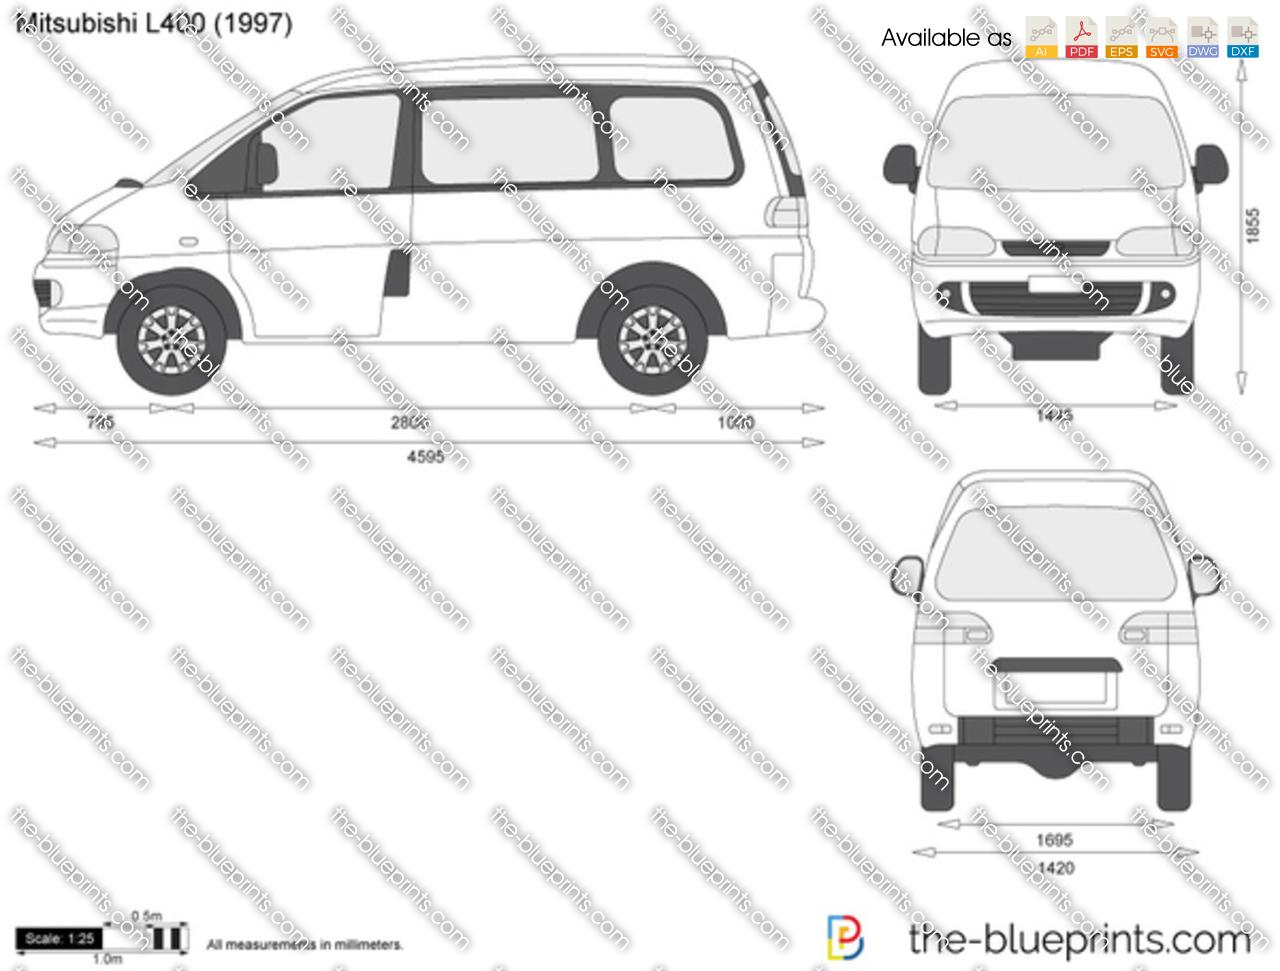 Mitsubishi L400 vector drawing